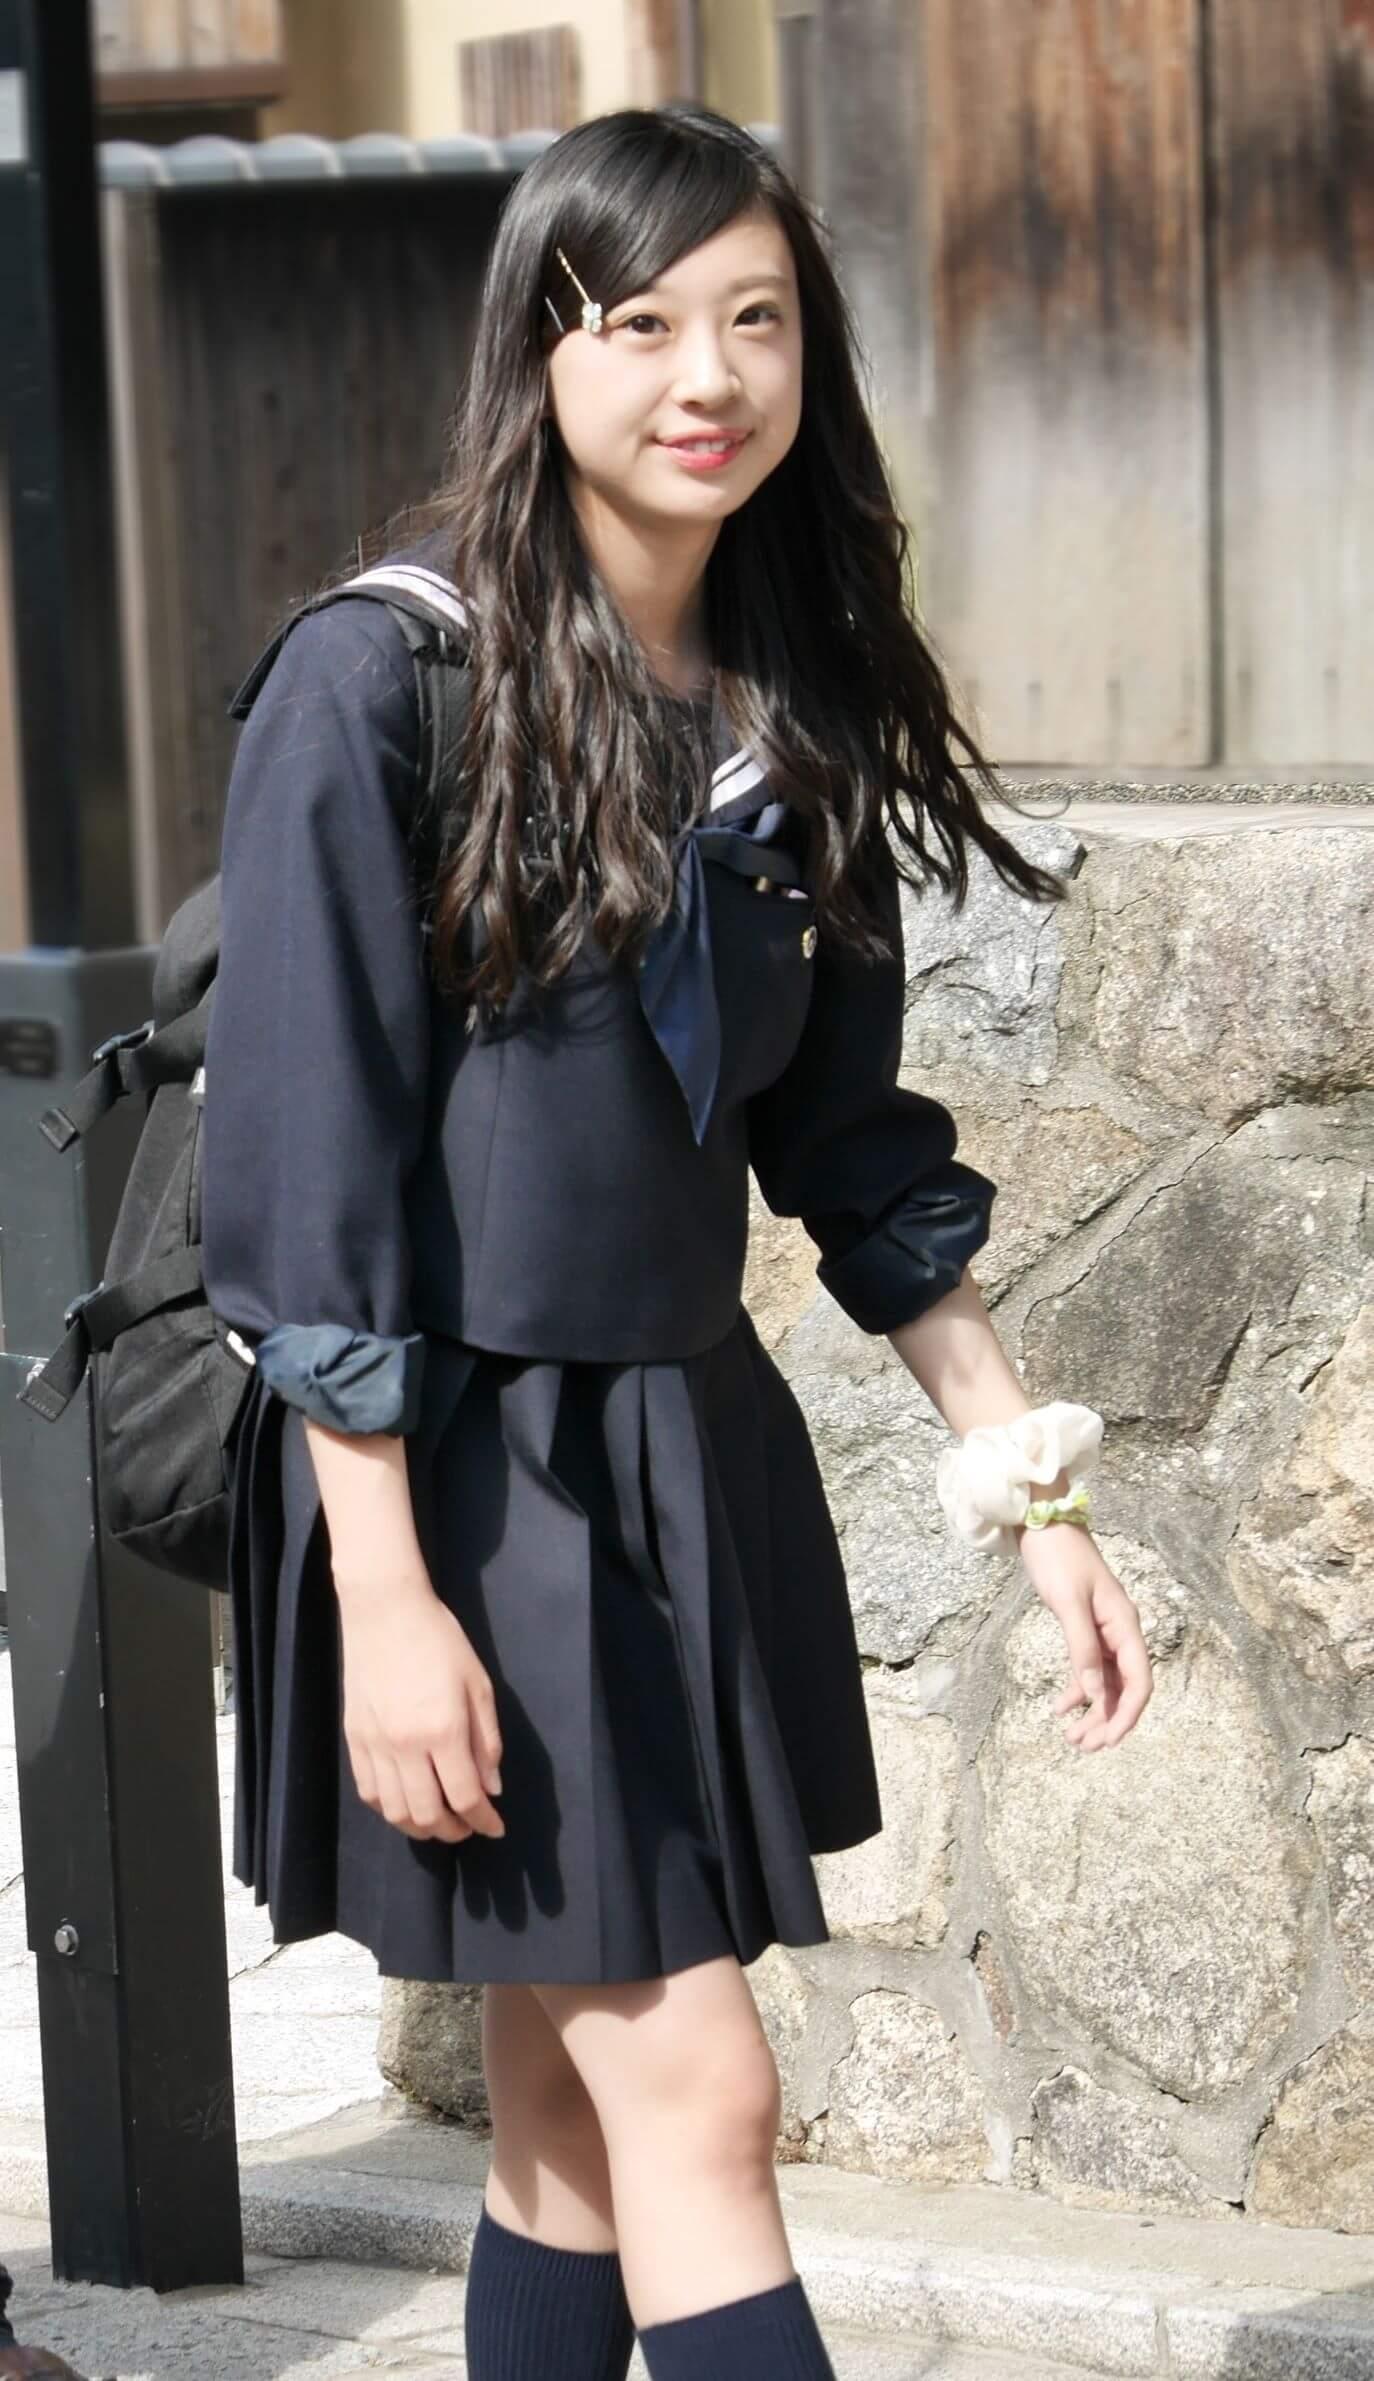 【画像】女子高生を見てホッコリ(モッコリ)するところ